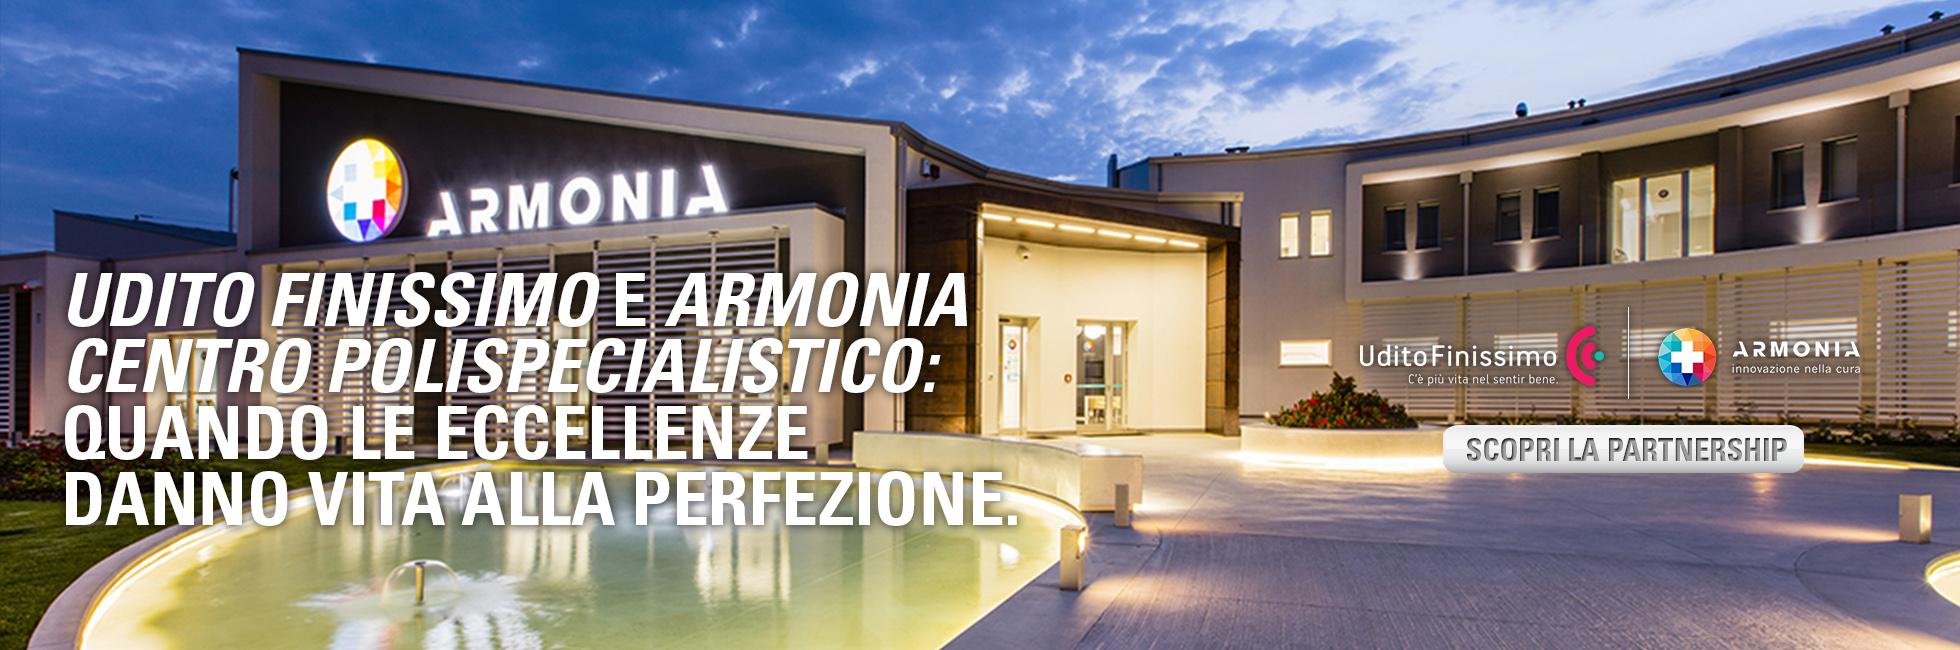 Udito_Finissimo_Armonia-v3